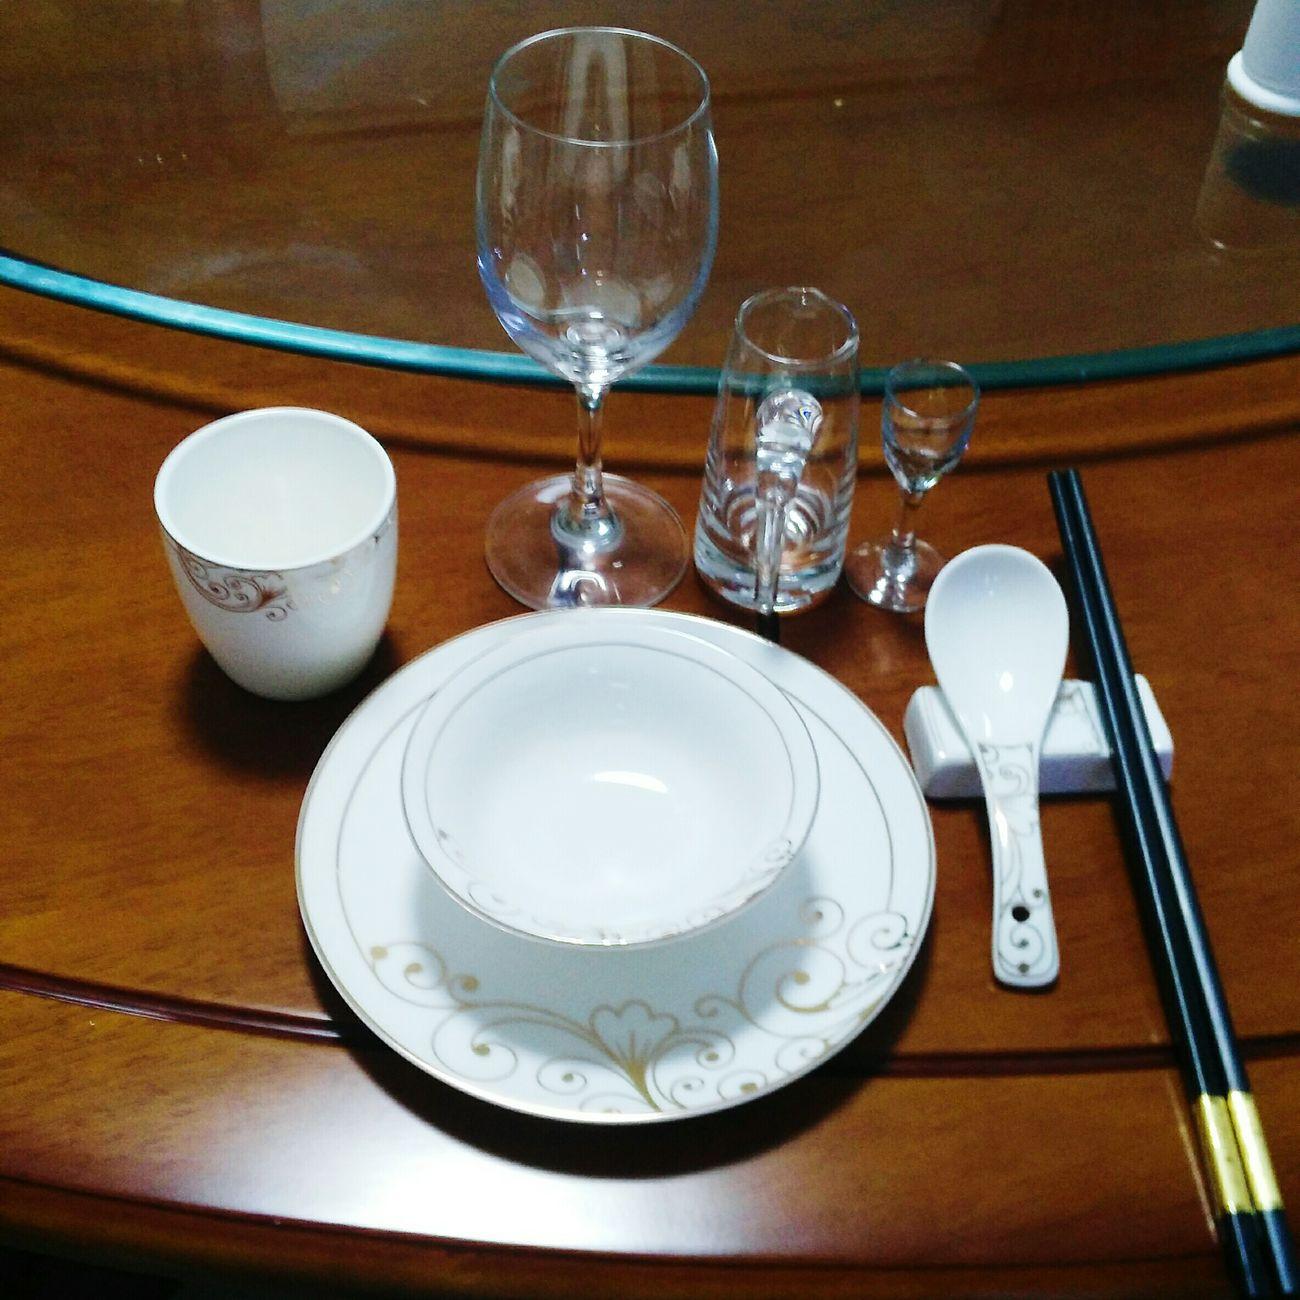 TableManner 从前没有注意过摆餐具的礼仪,直到今年过年,单位宴请一些领导,过来帮忙准备,学习无处不在!